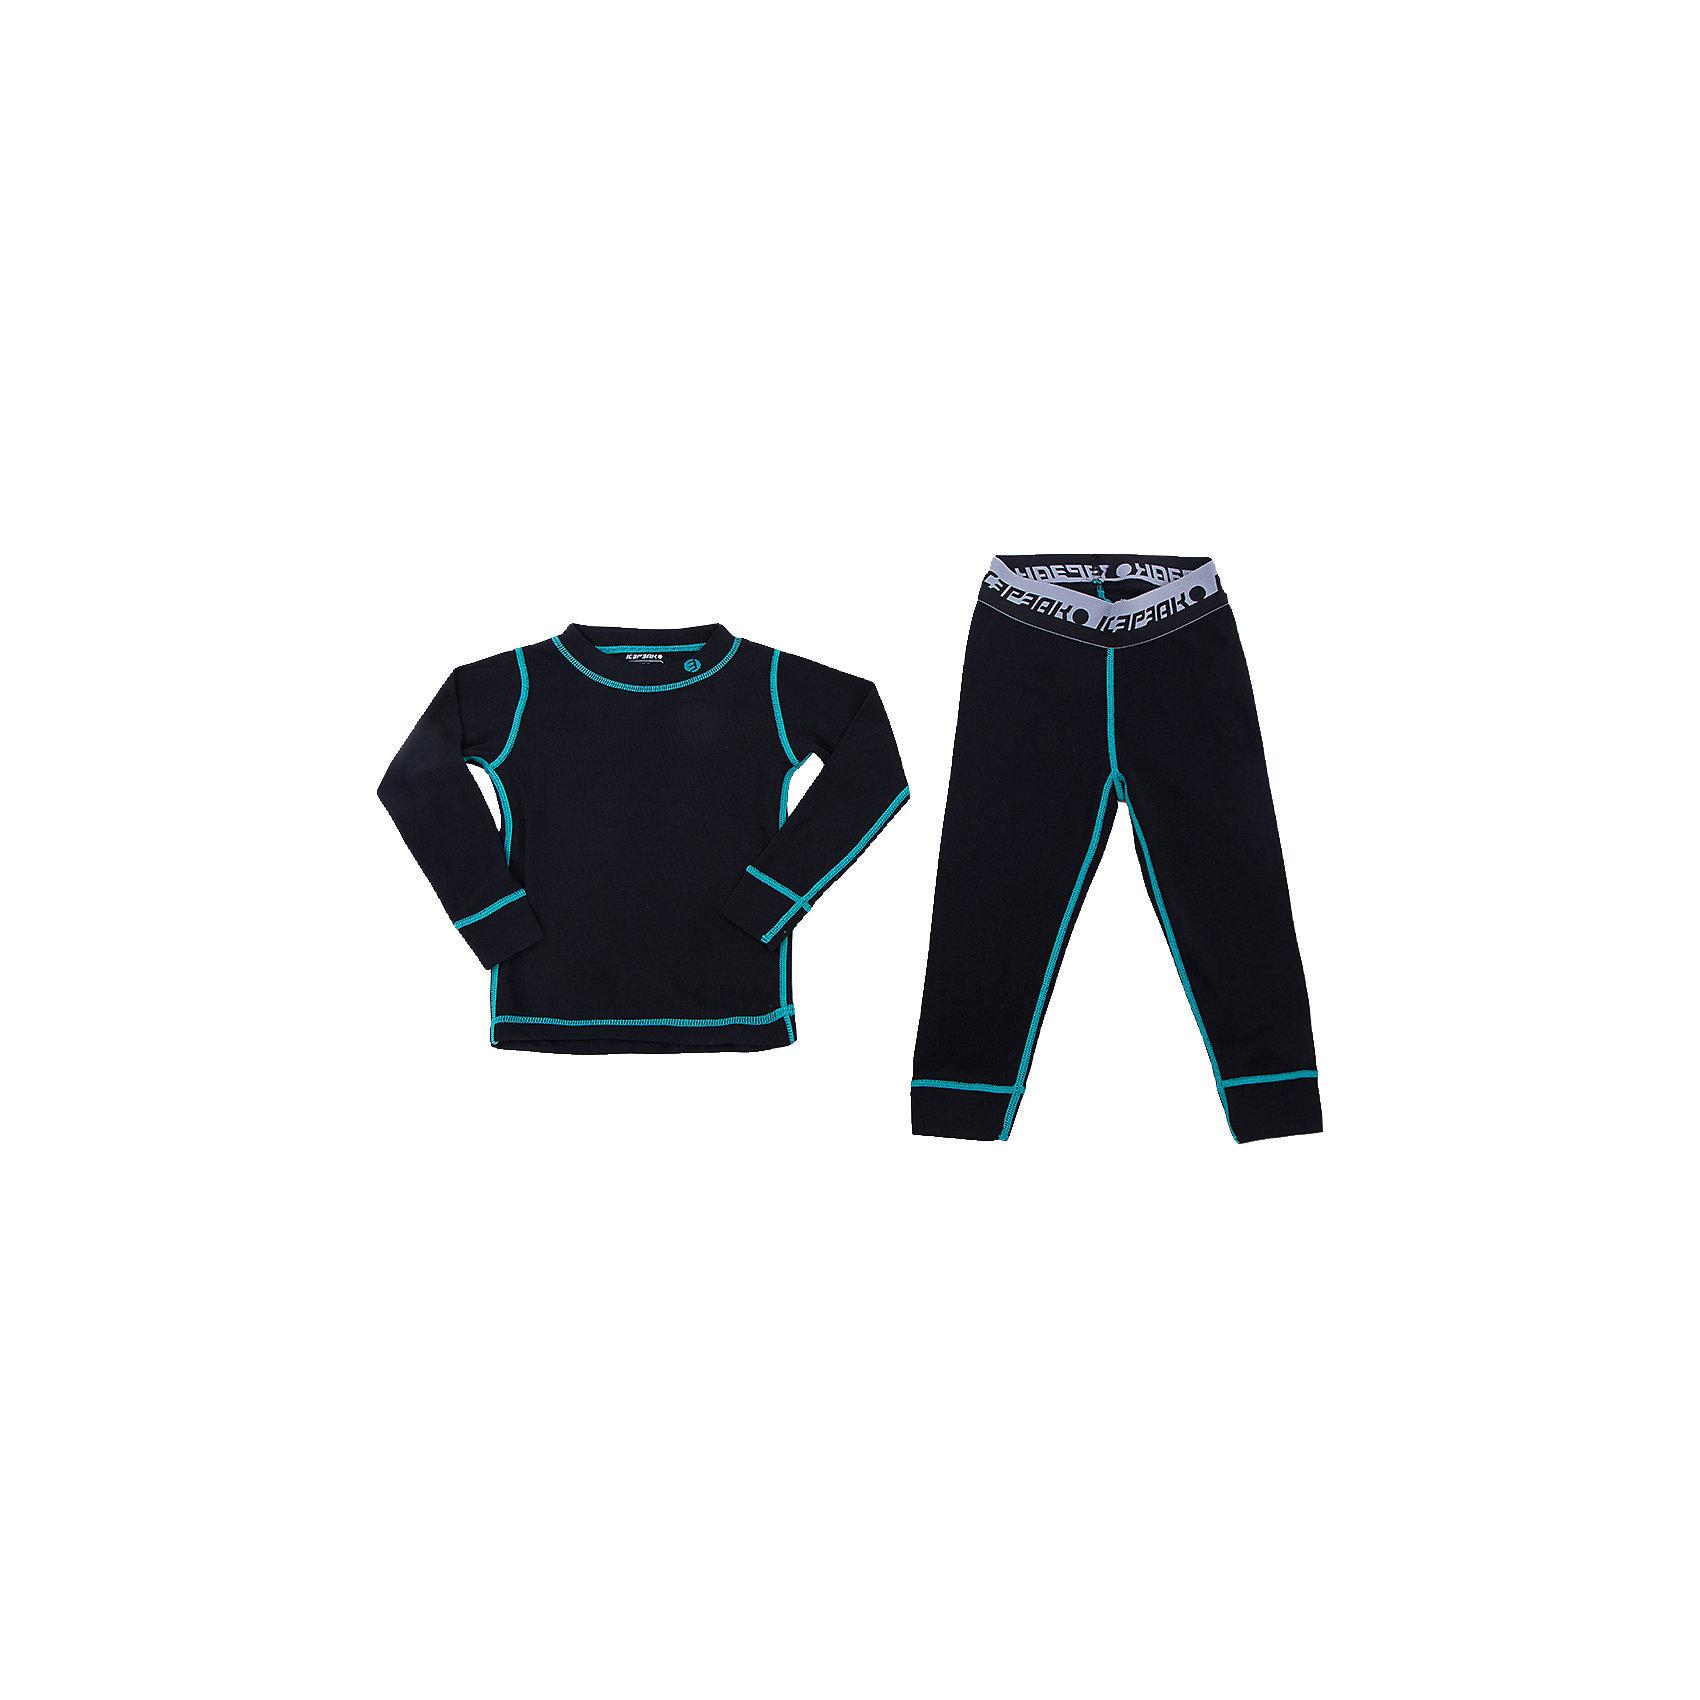 Комплект: джемпер и брюки для мальчика ICEPEAKКомплект: джемпер и брюки для мальчика ICEPEAK. Состав: 100% полиэстер Костюм (Джемпер+Брюки), трикотаж, мягкие резинки по рукавам и нижней кромке брюк, плотность 170 гр./кв.м Технологии: CoolTech<br><br>Ширина мм: 190<br>Глубина мм: 74<br>Высота мм: 229<br>Вес г: 236<br>Цвет: черный<br>Возраст от месяцев: 48<br>Возраст до месяцев: 60<br>Пол: Мужской<br>Возраст: Детский<br>Размер: 110,98,122,116,104,92,86<br>SKU: 4221059